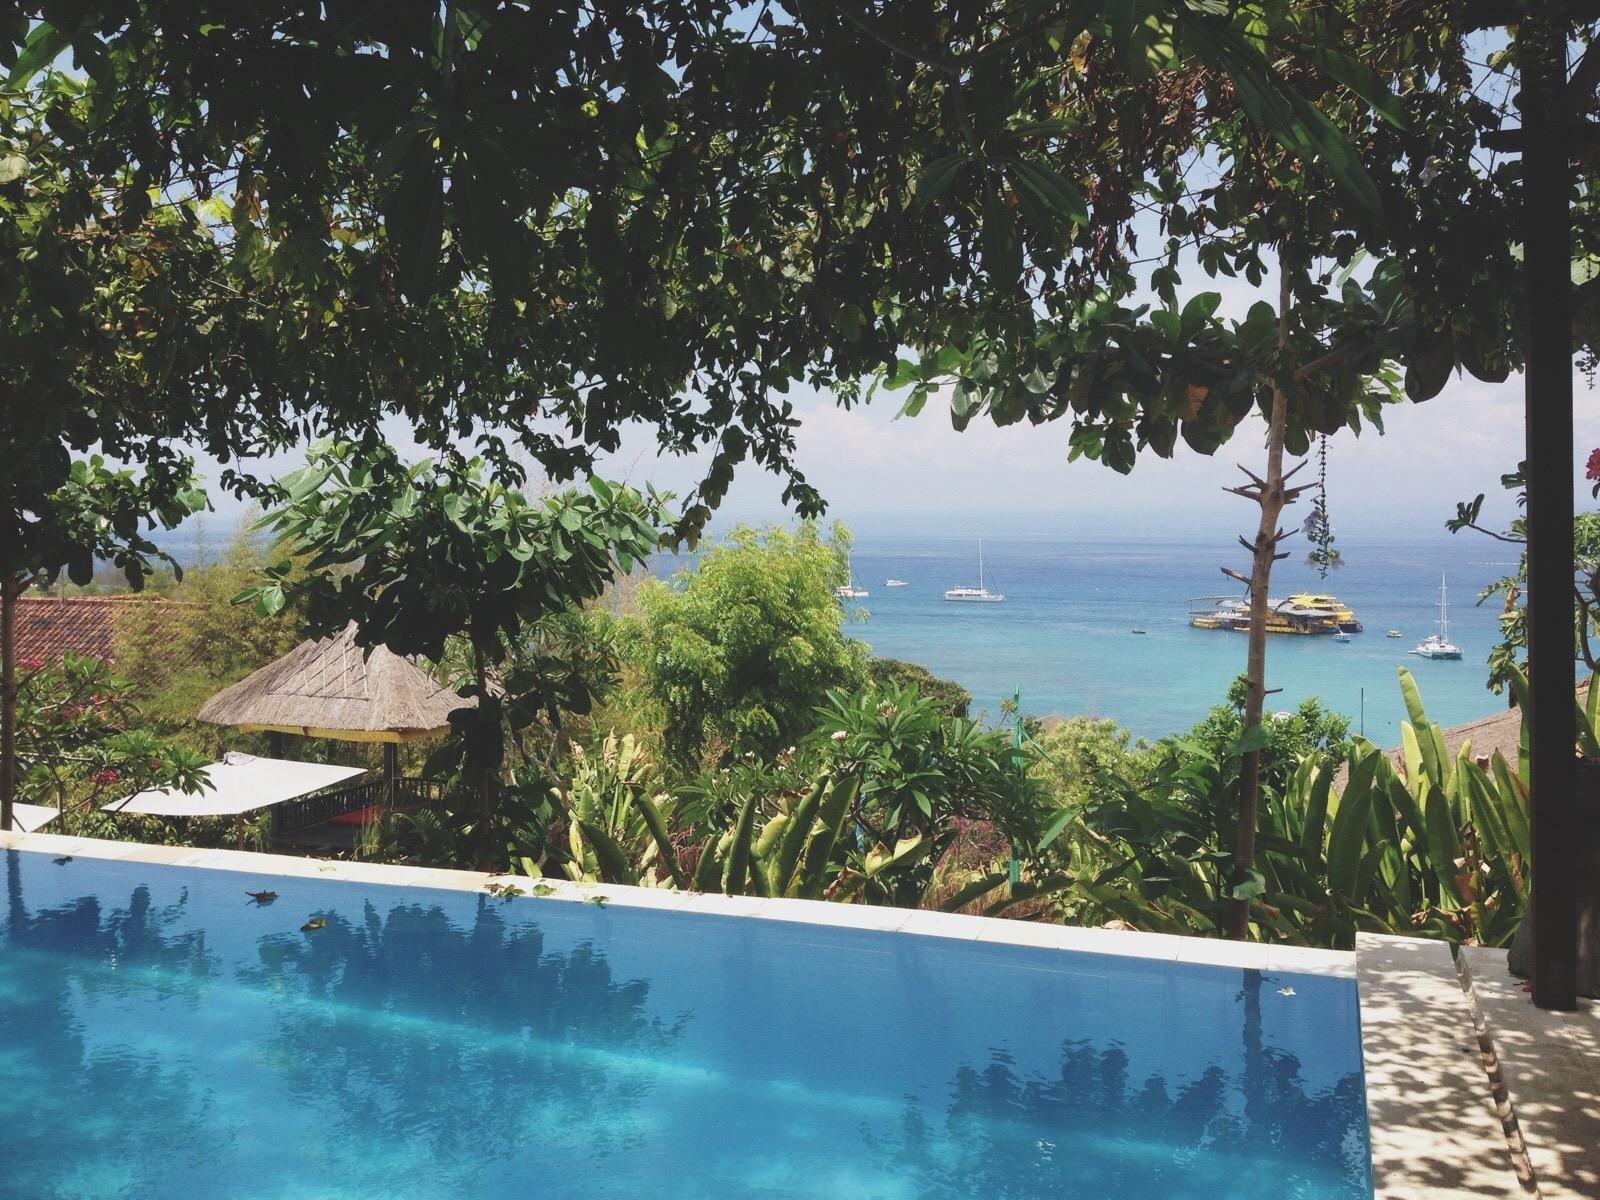 Pandana-guest-house-Bali-onmywayFR.JPG